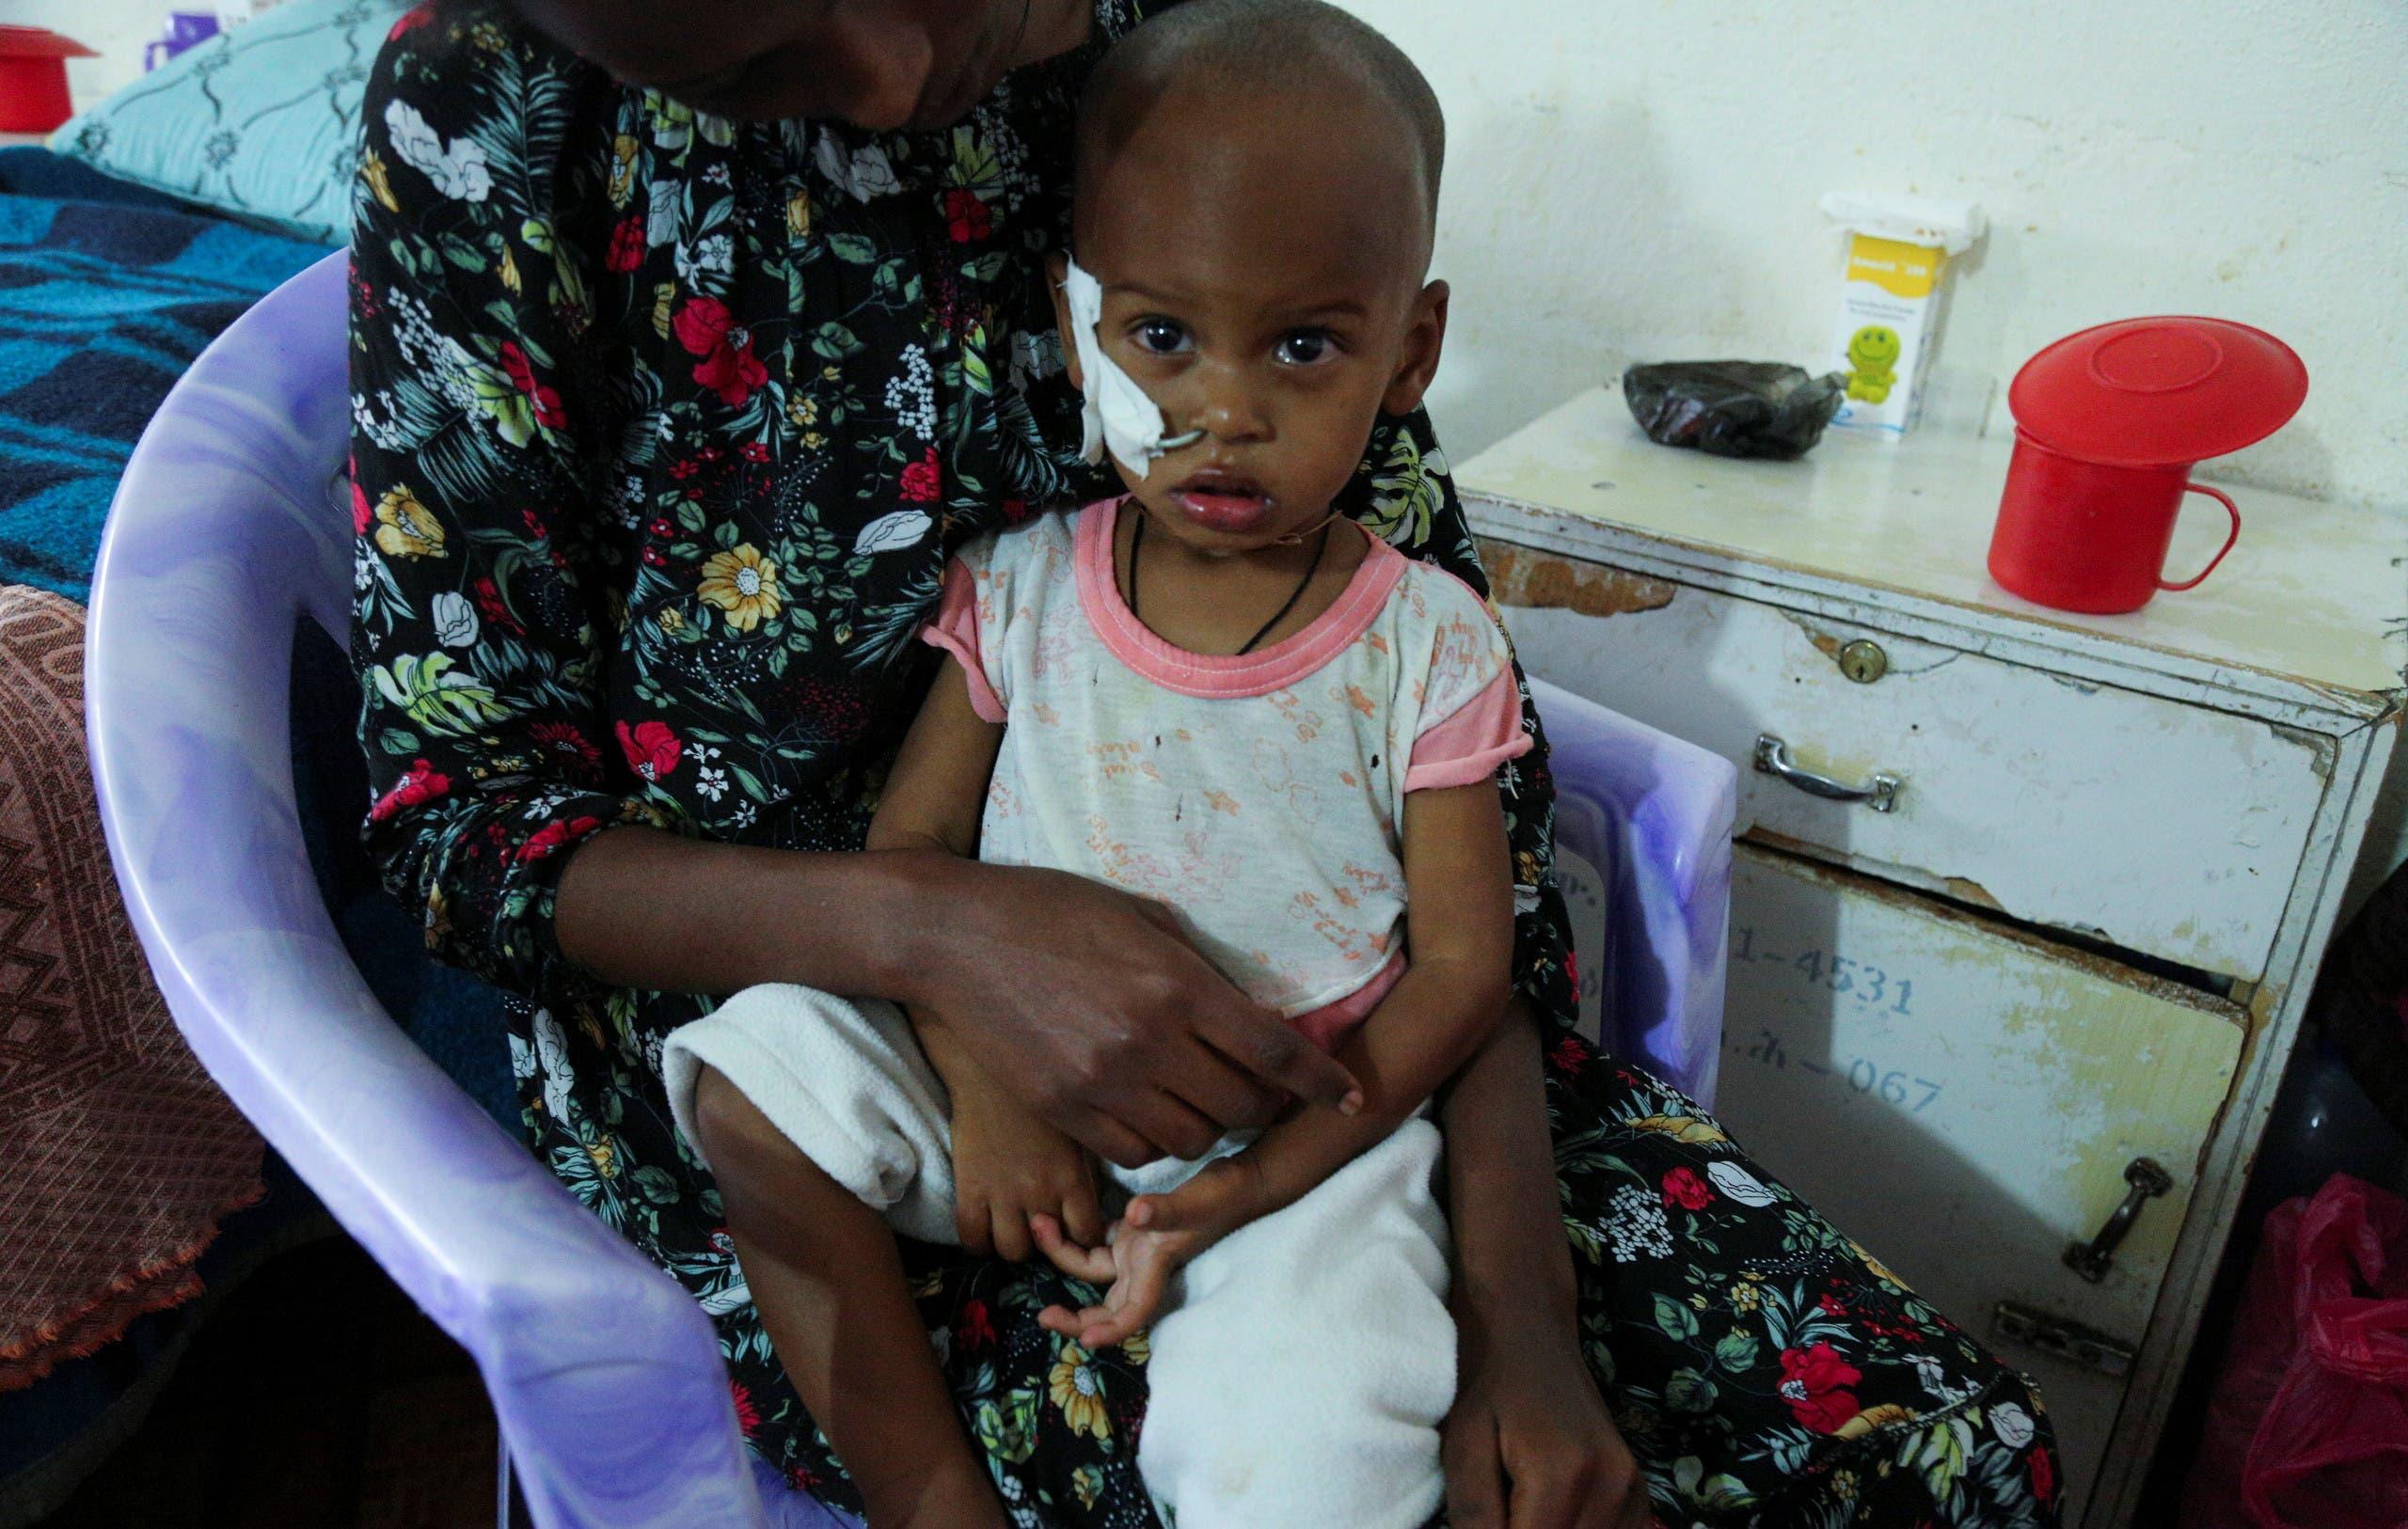 طفلة تعاني من سوء التغذية الحاد في تيغراي